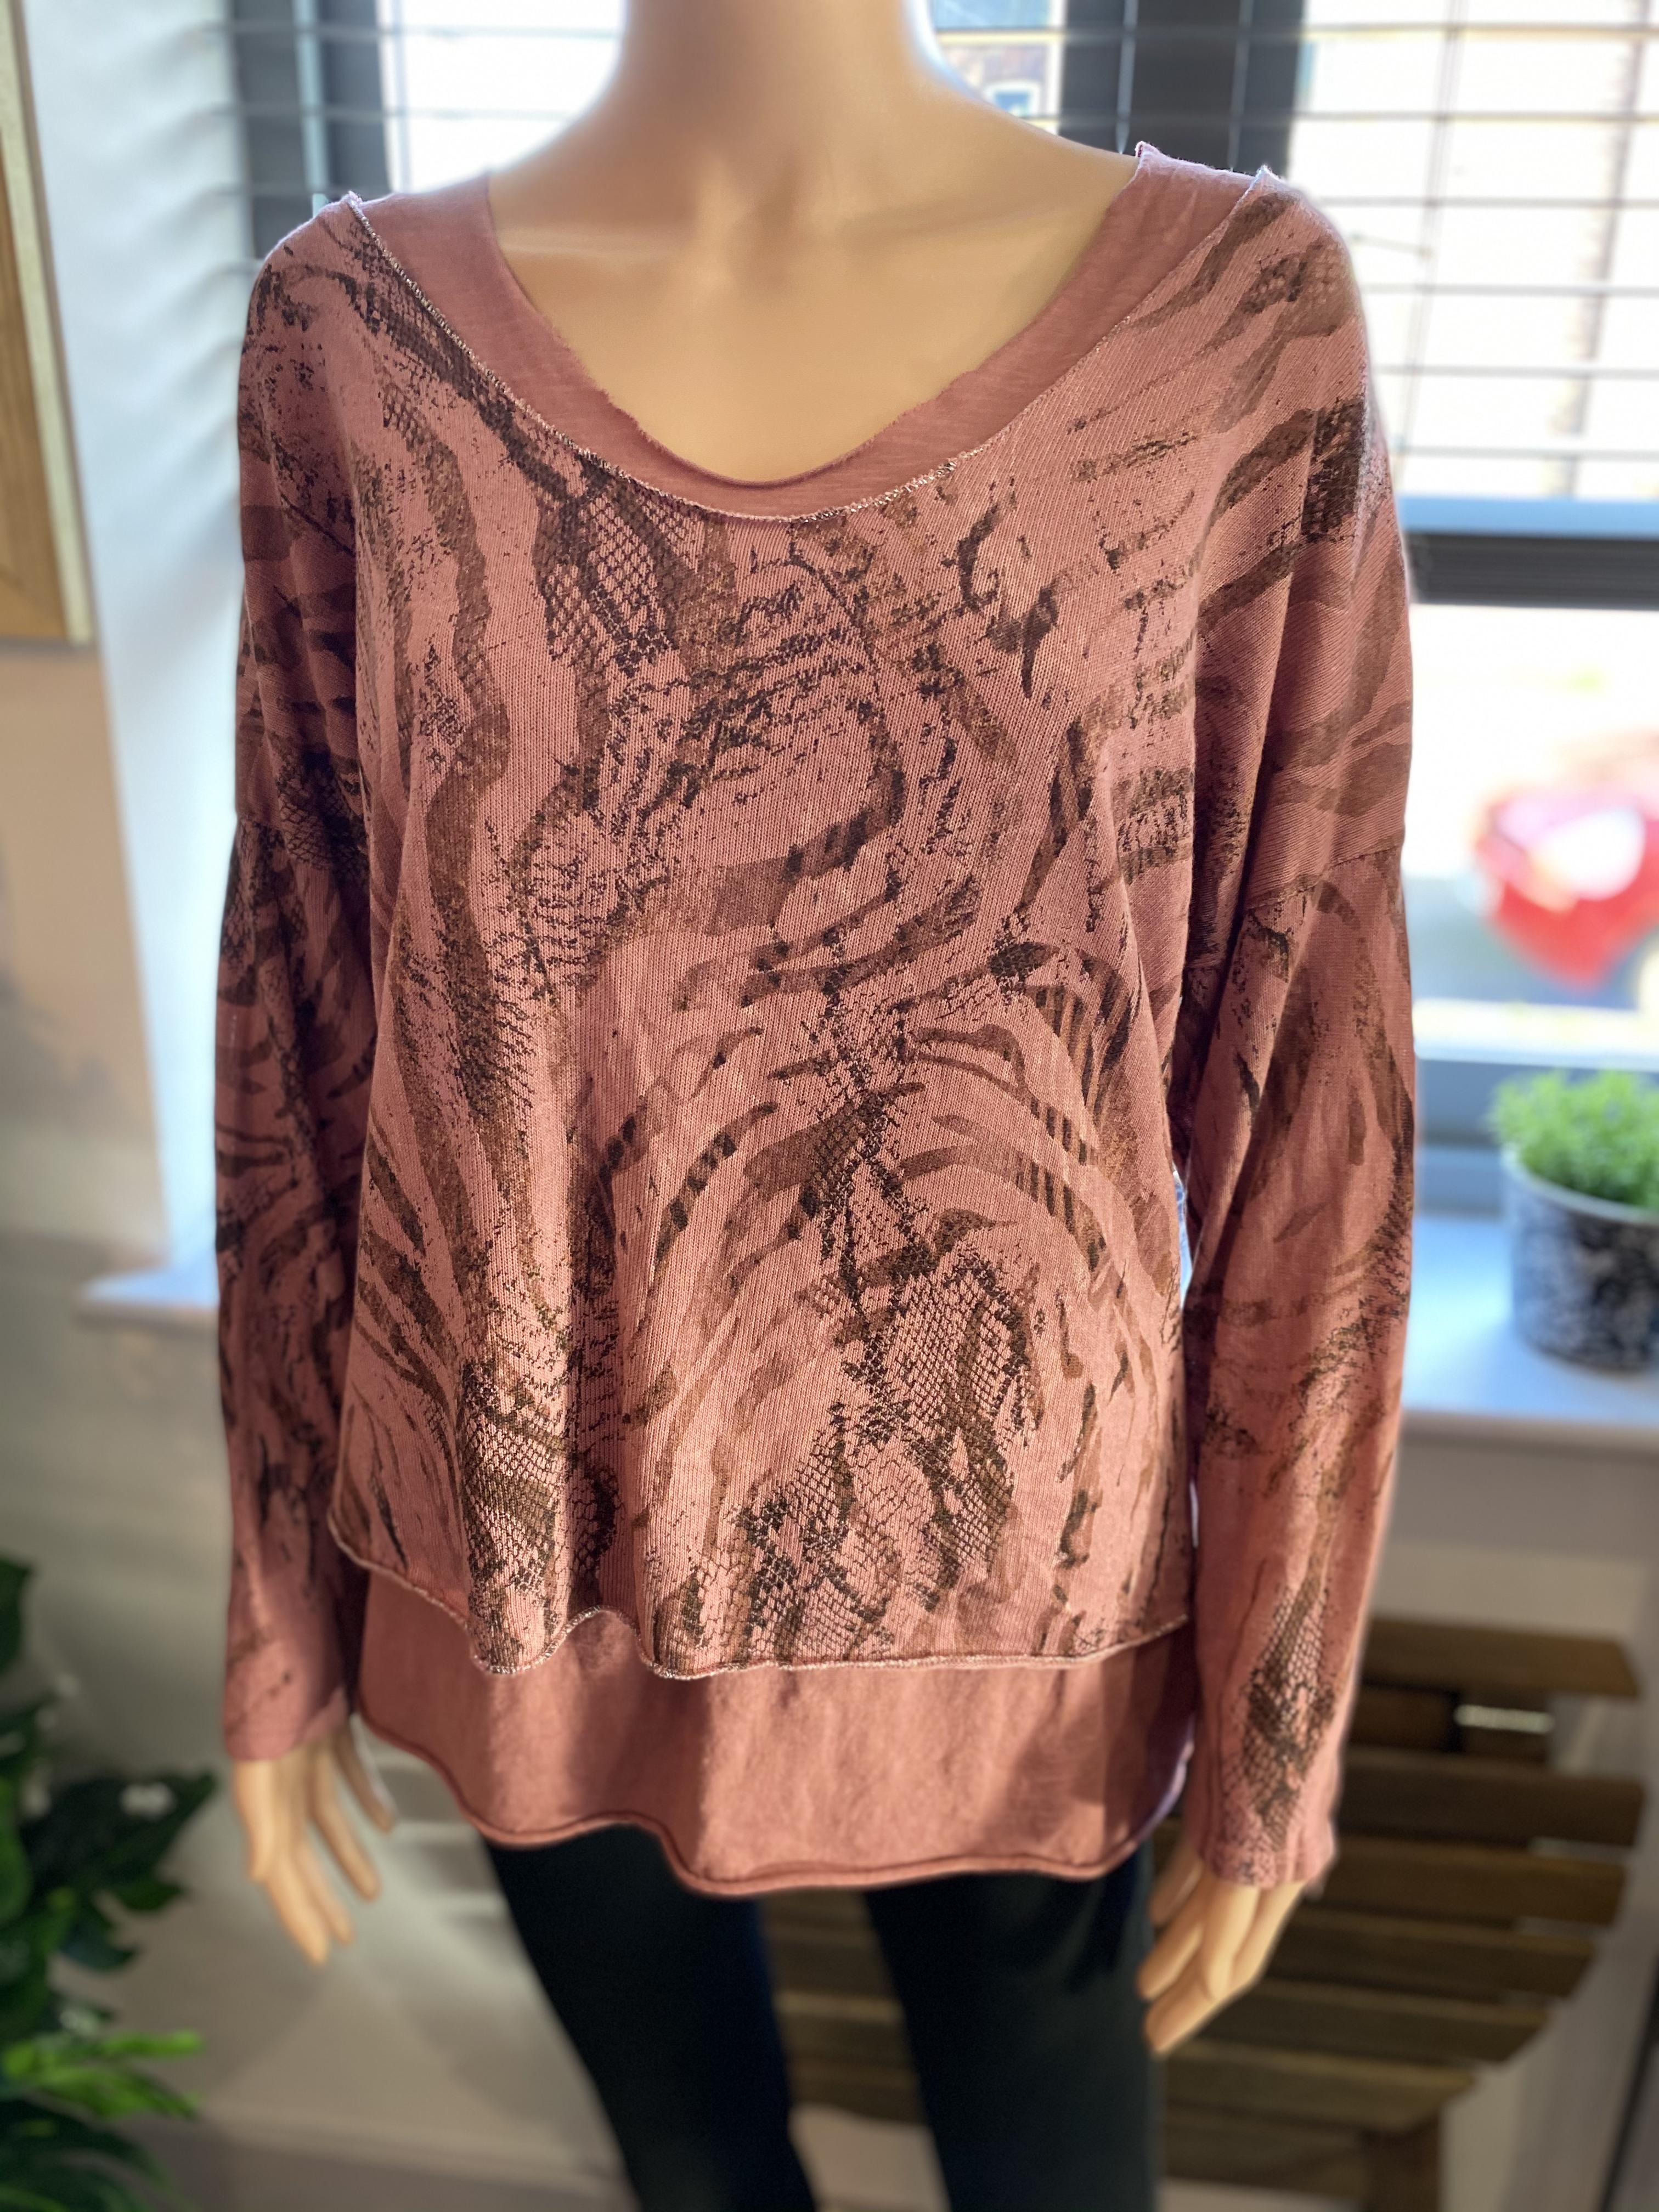 Animal Print Layered Lurex Top - Rose